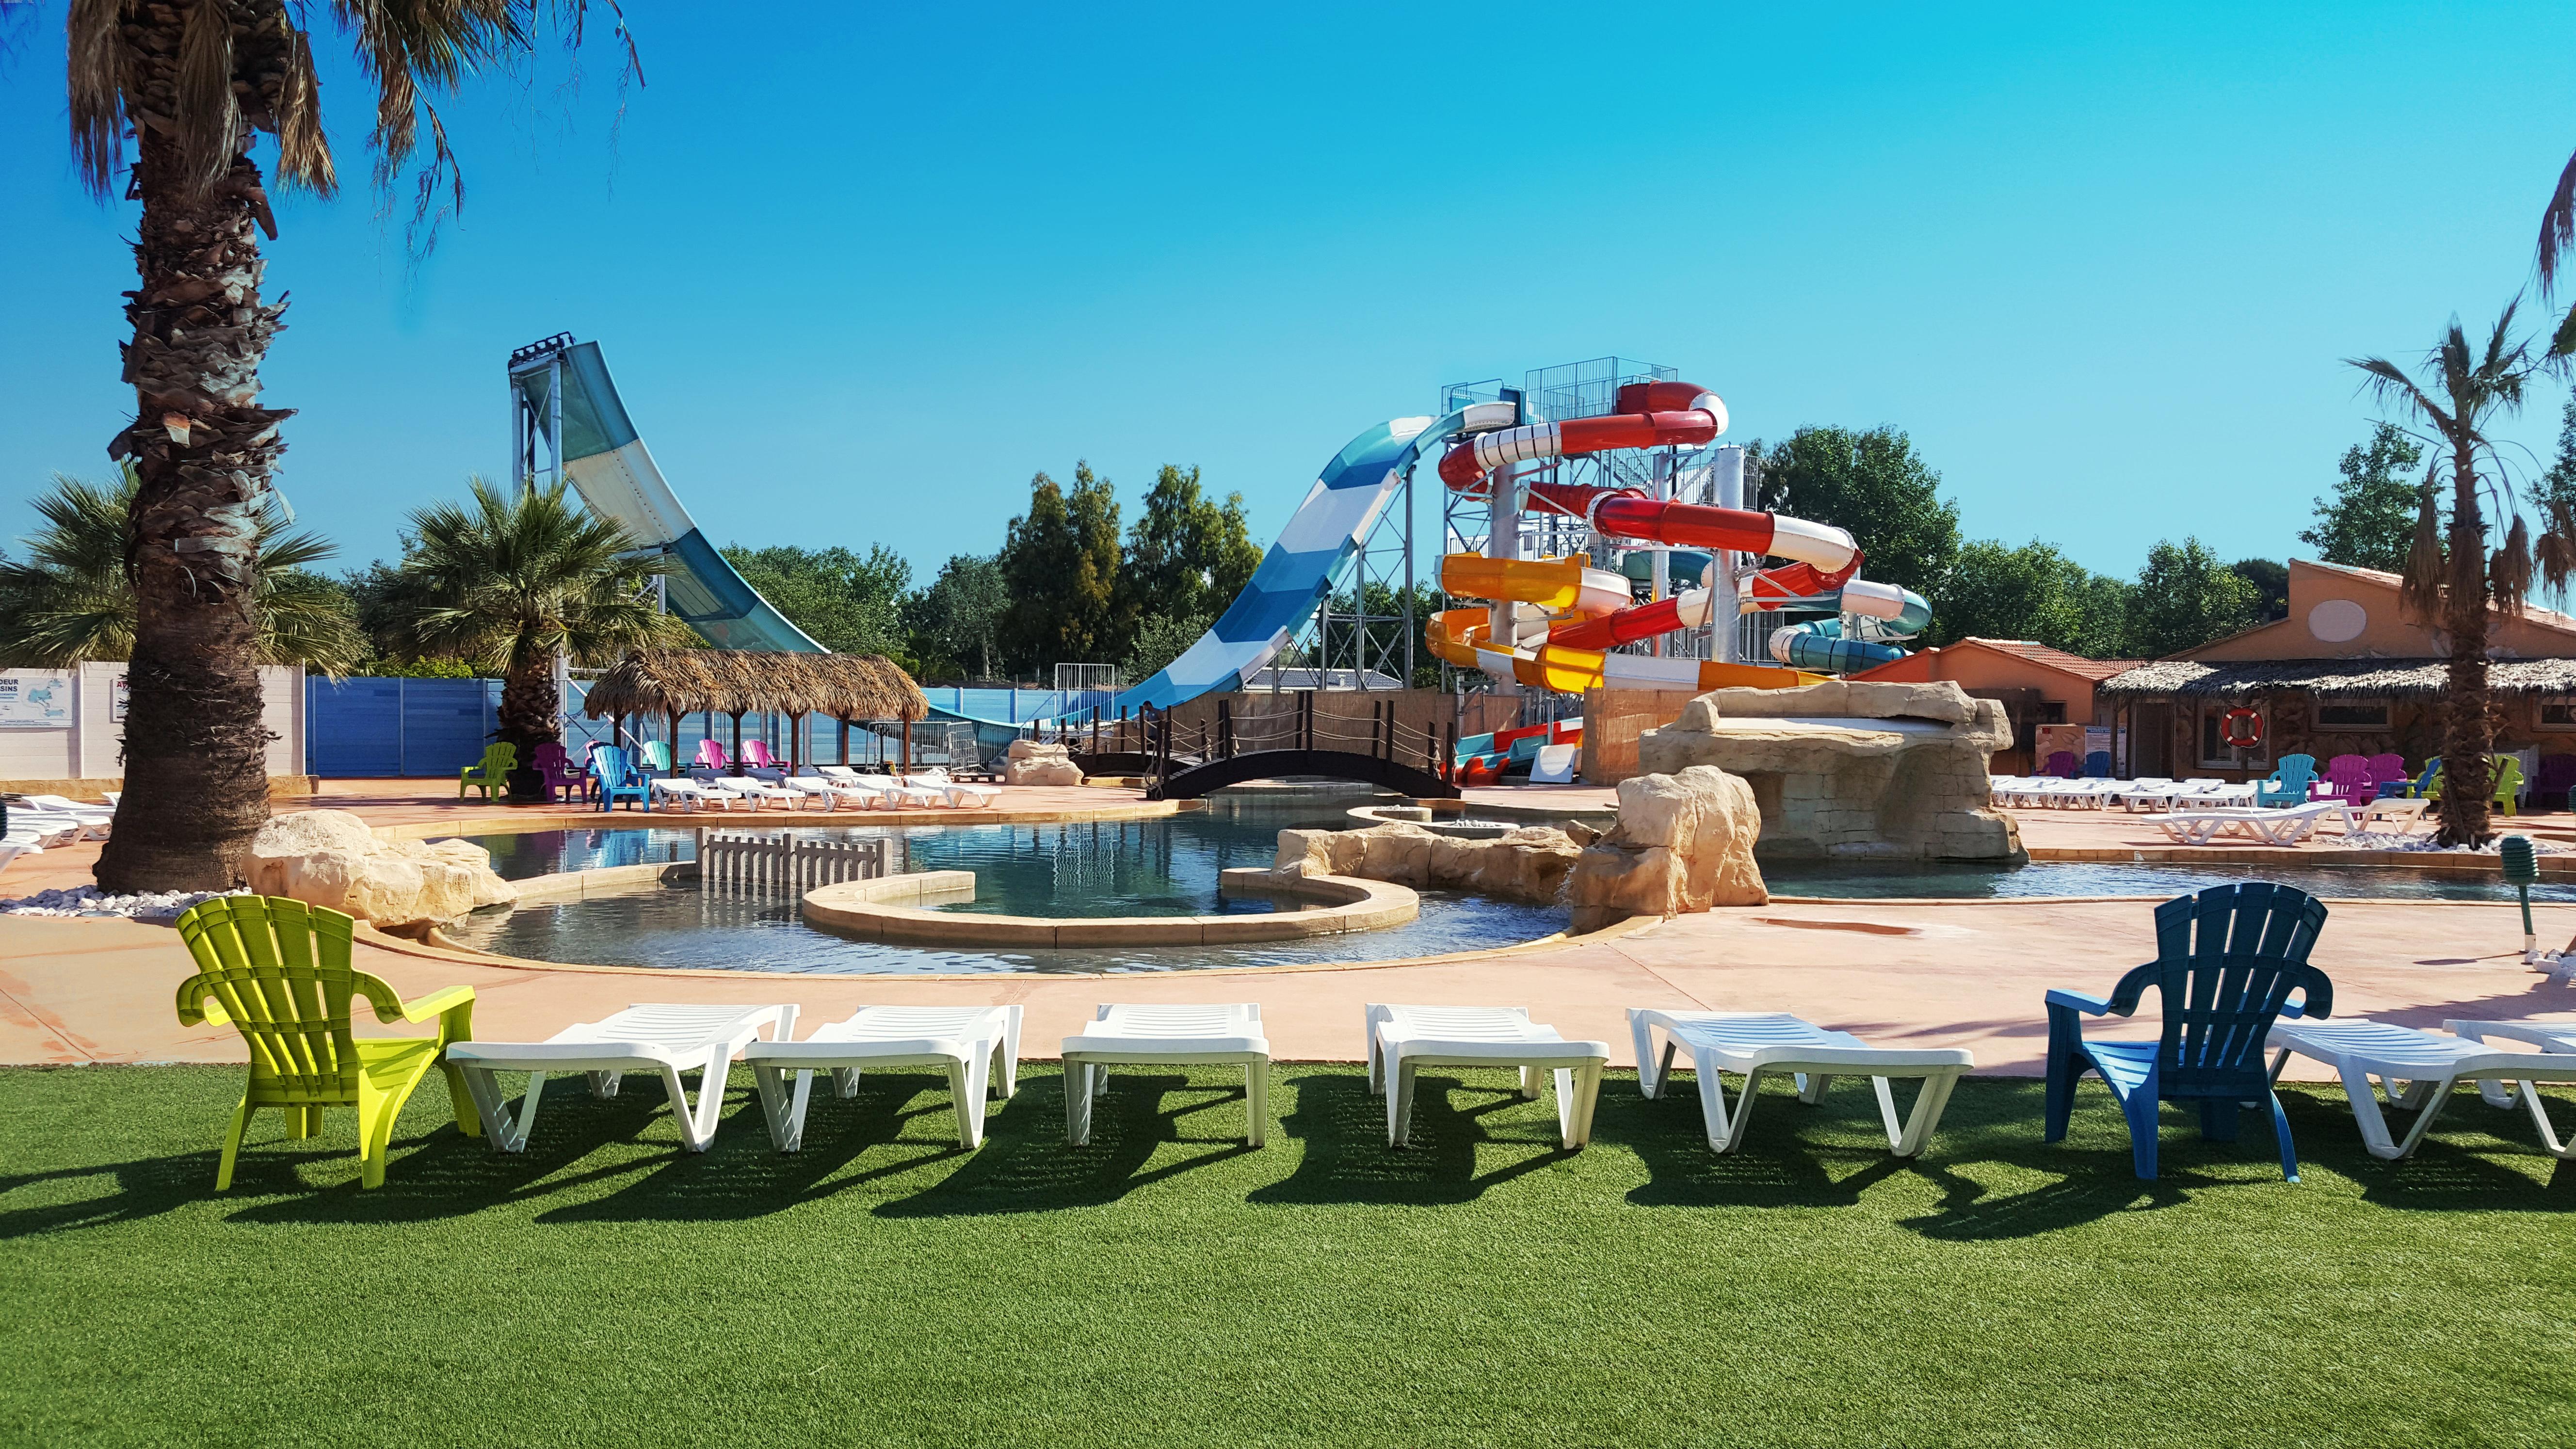 Le barcares camping les tamaris plein air vacances for Camping les vosges avec piscine